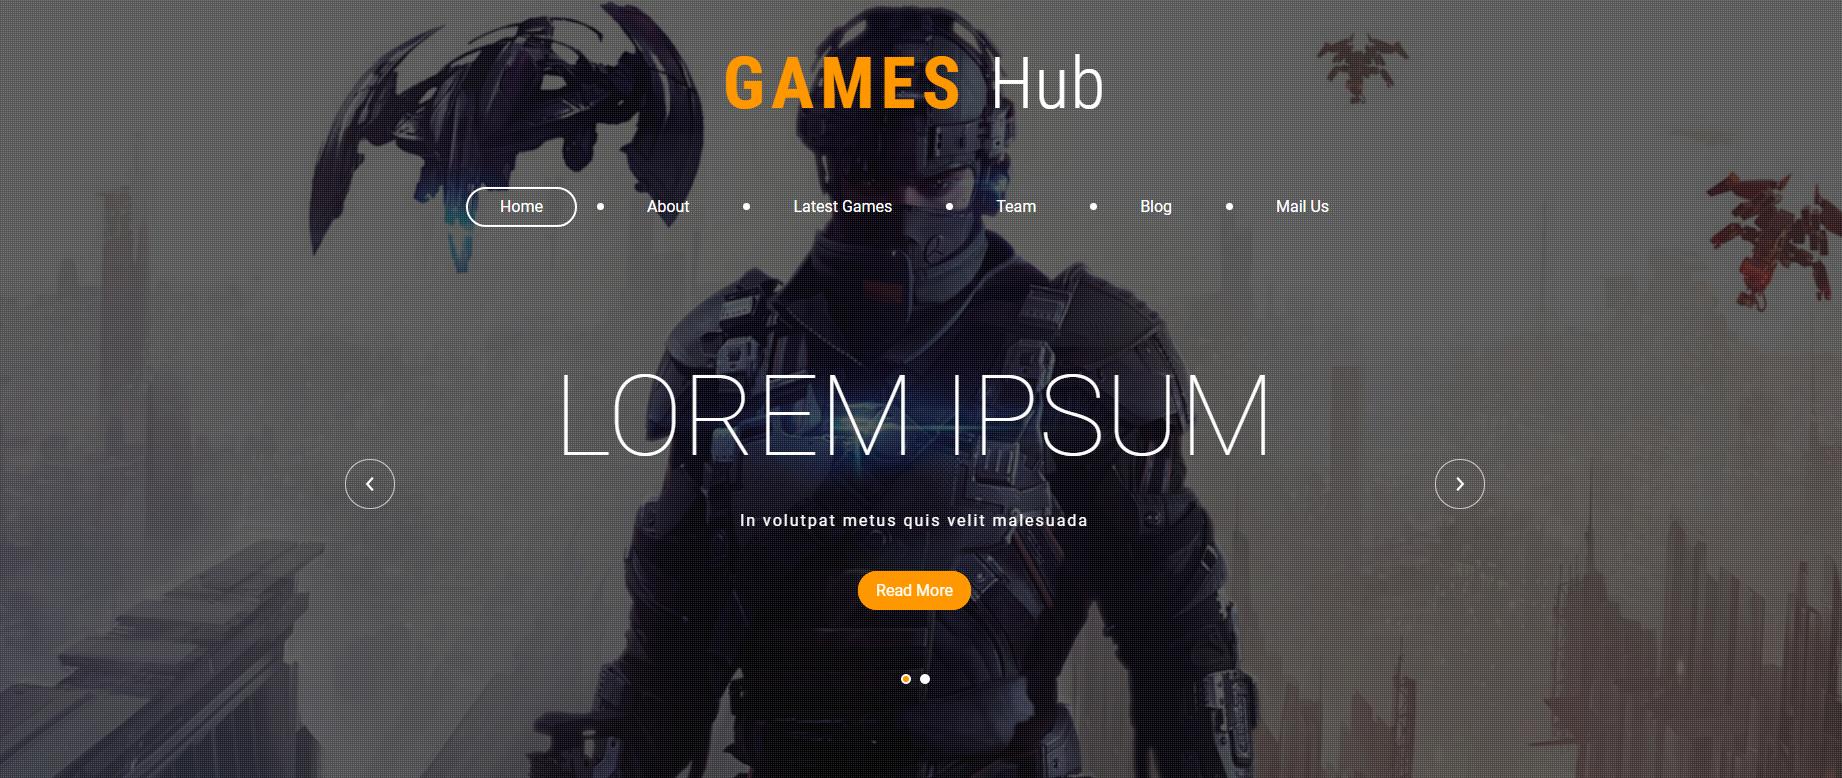 网页游戏开发公司的网站模板